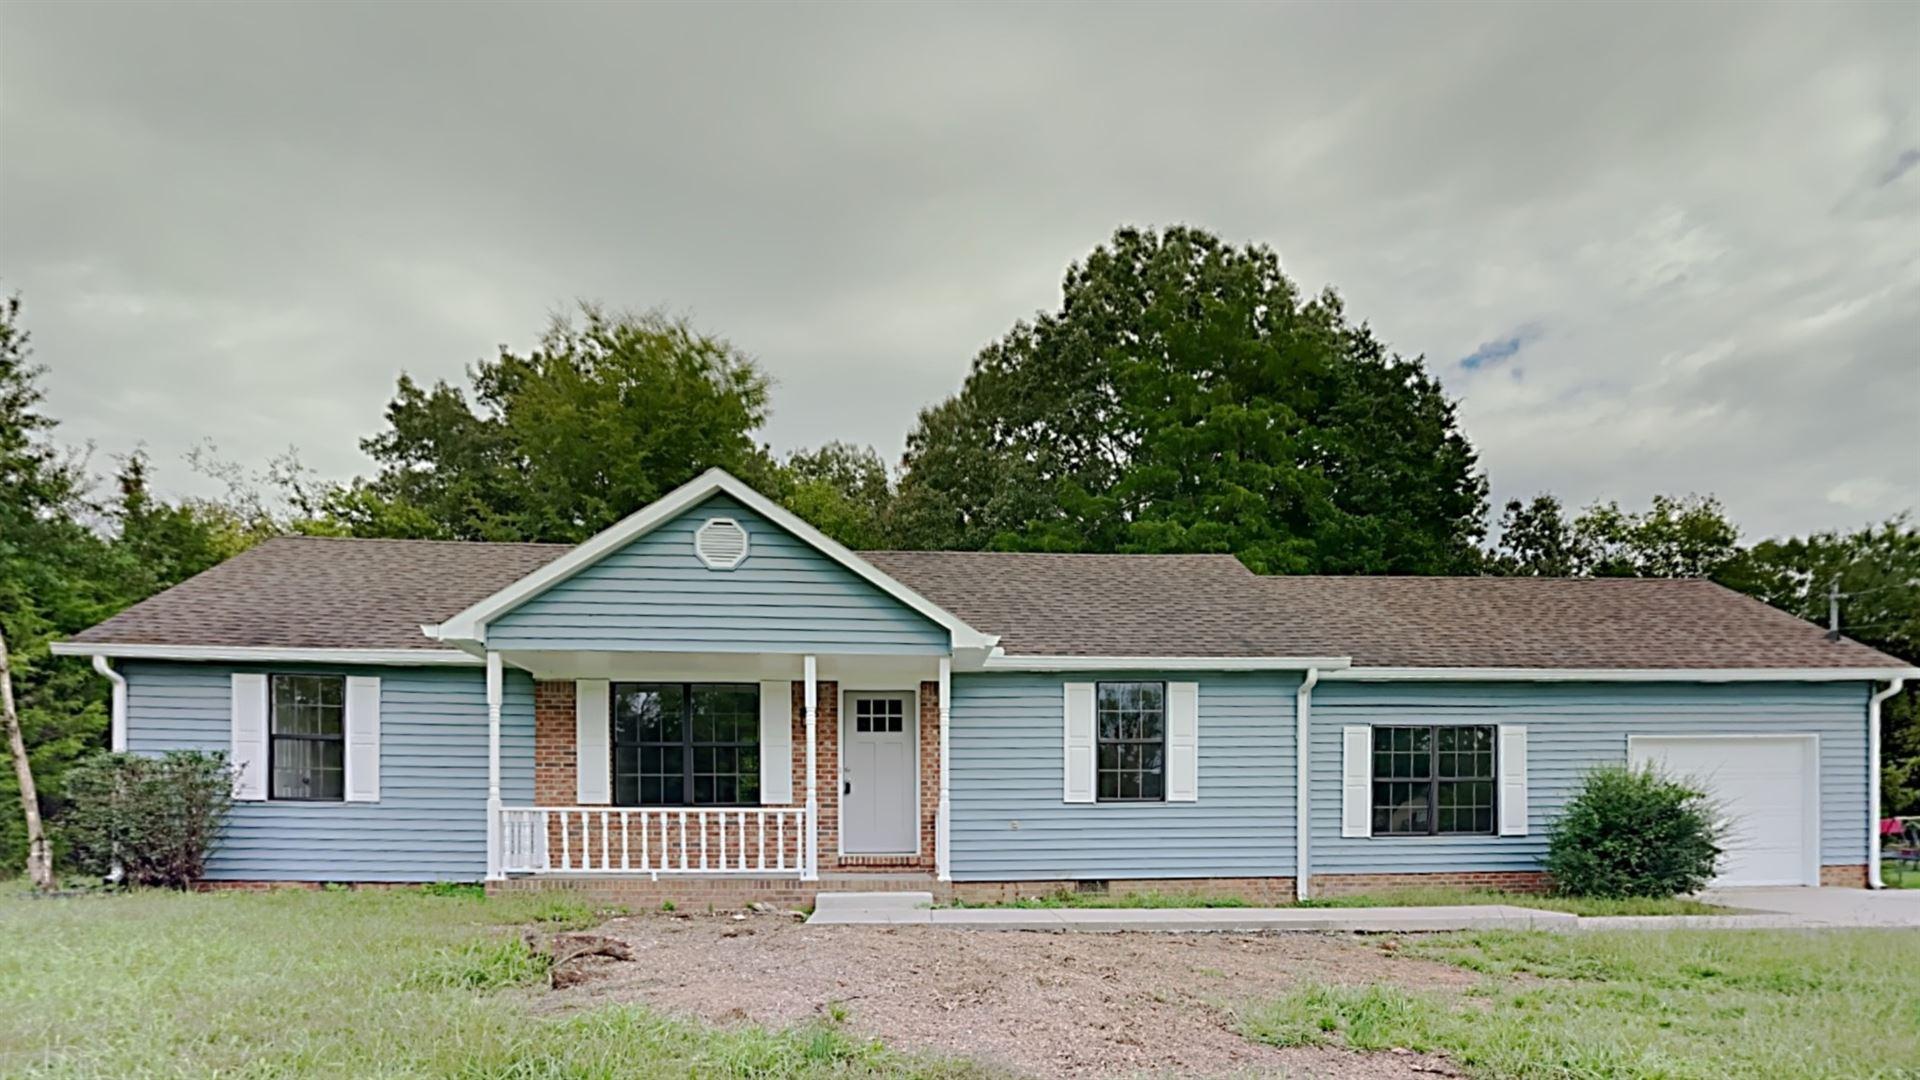 433 Glenwood Ave, Smyrna, TN 37167 - MLS#: 2298377